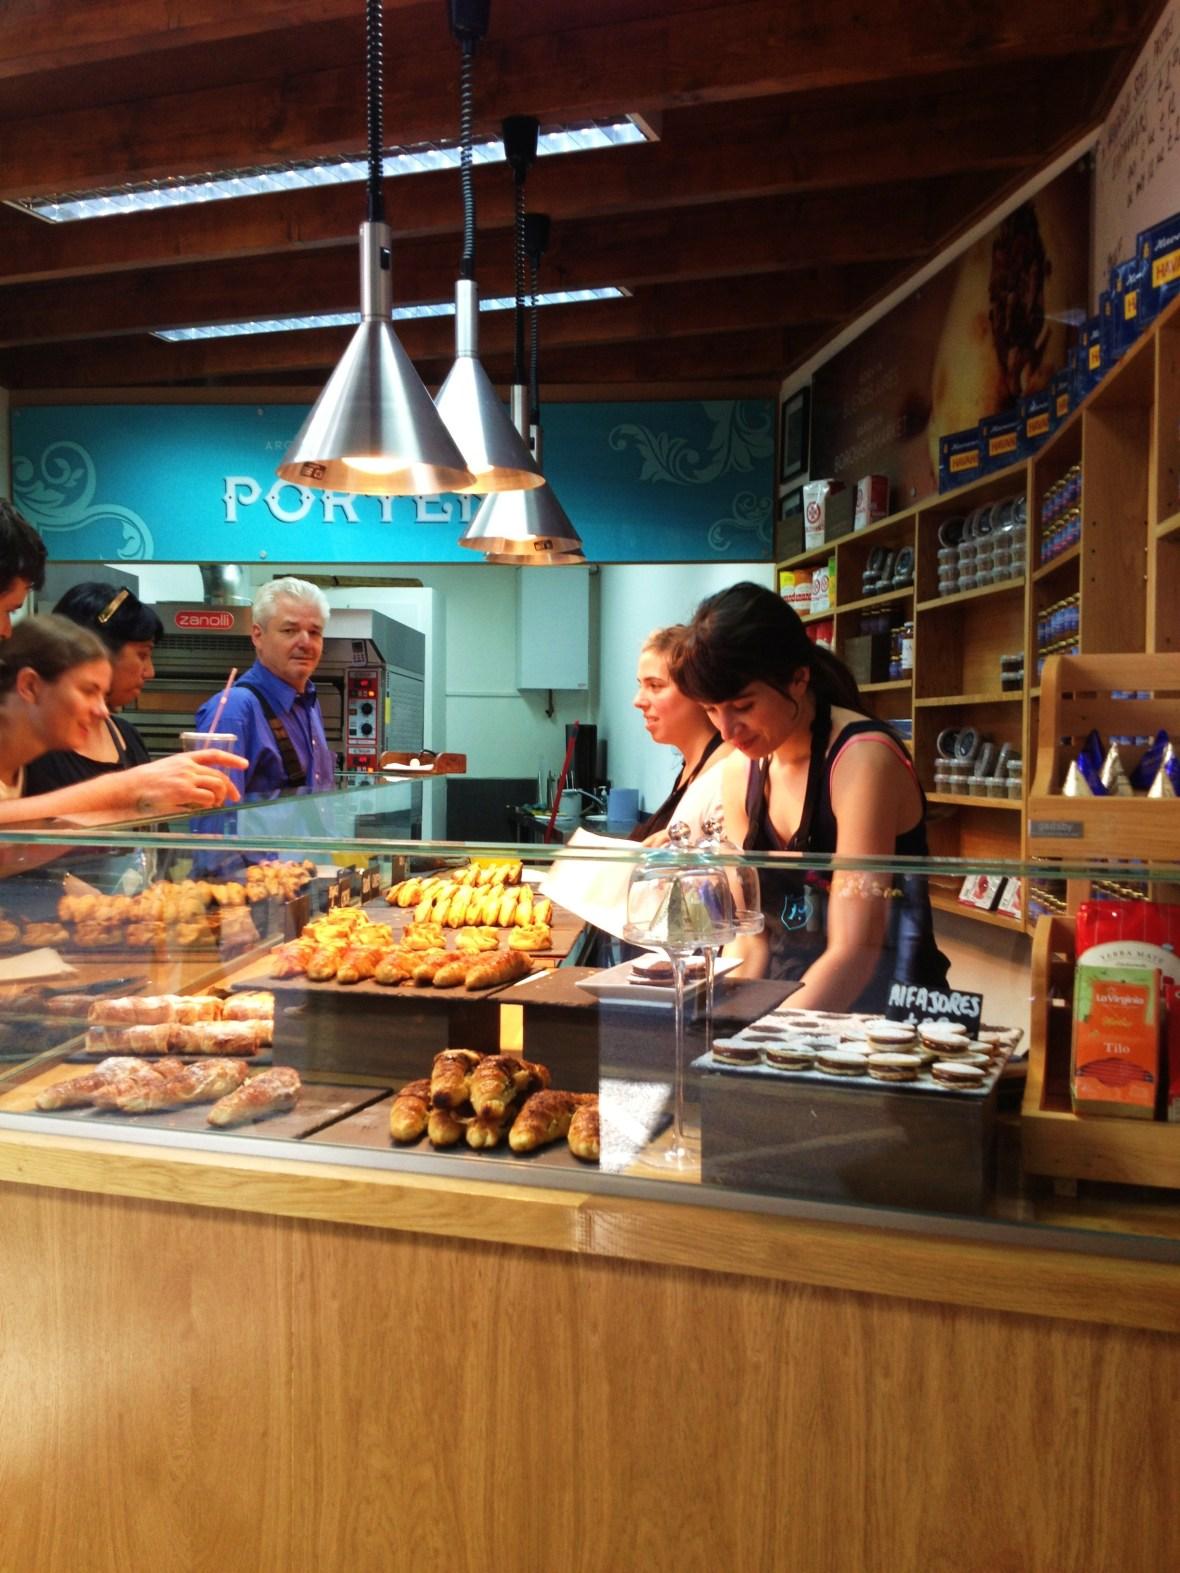 MoMo & Coco's Guide to London's Borough Market Desserts - Portena